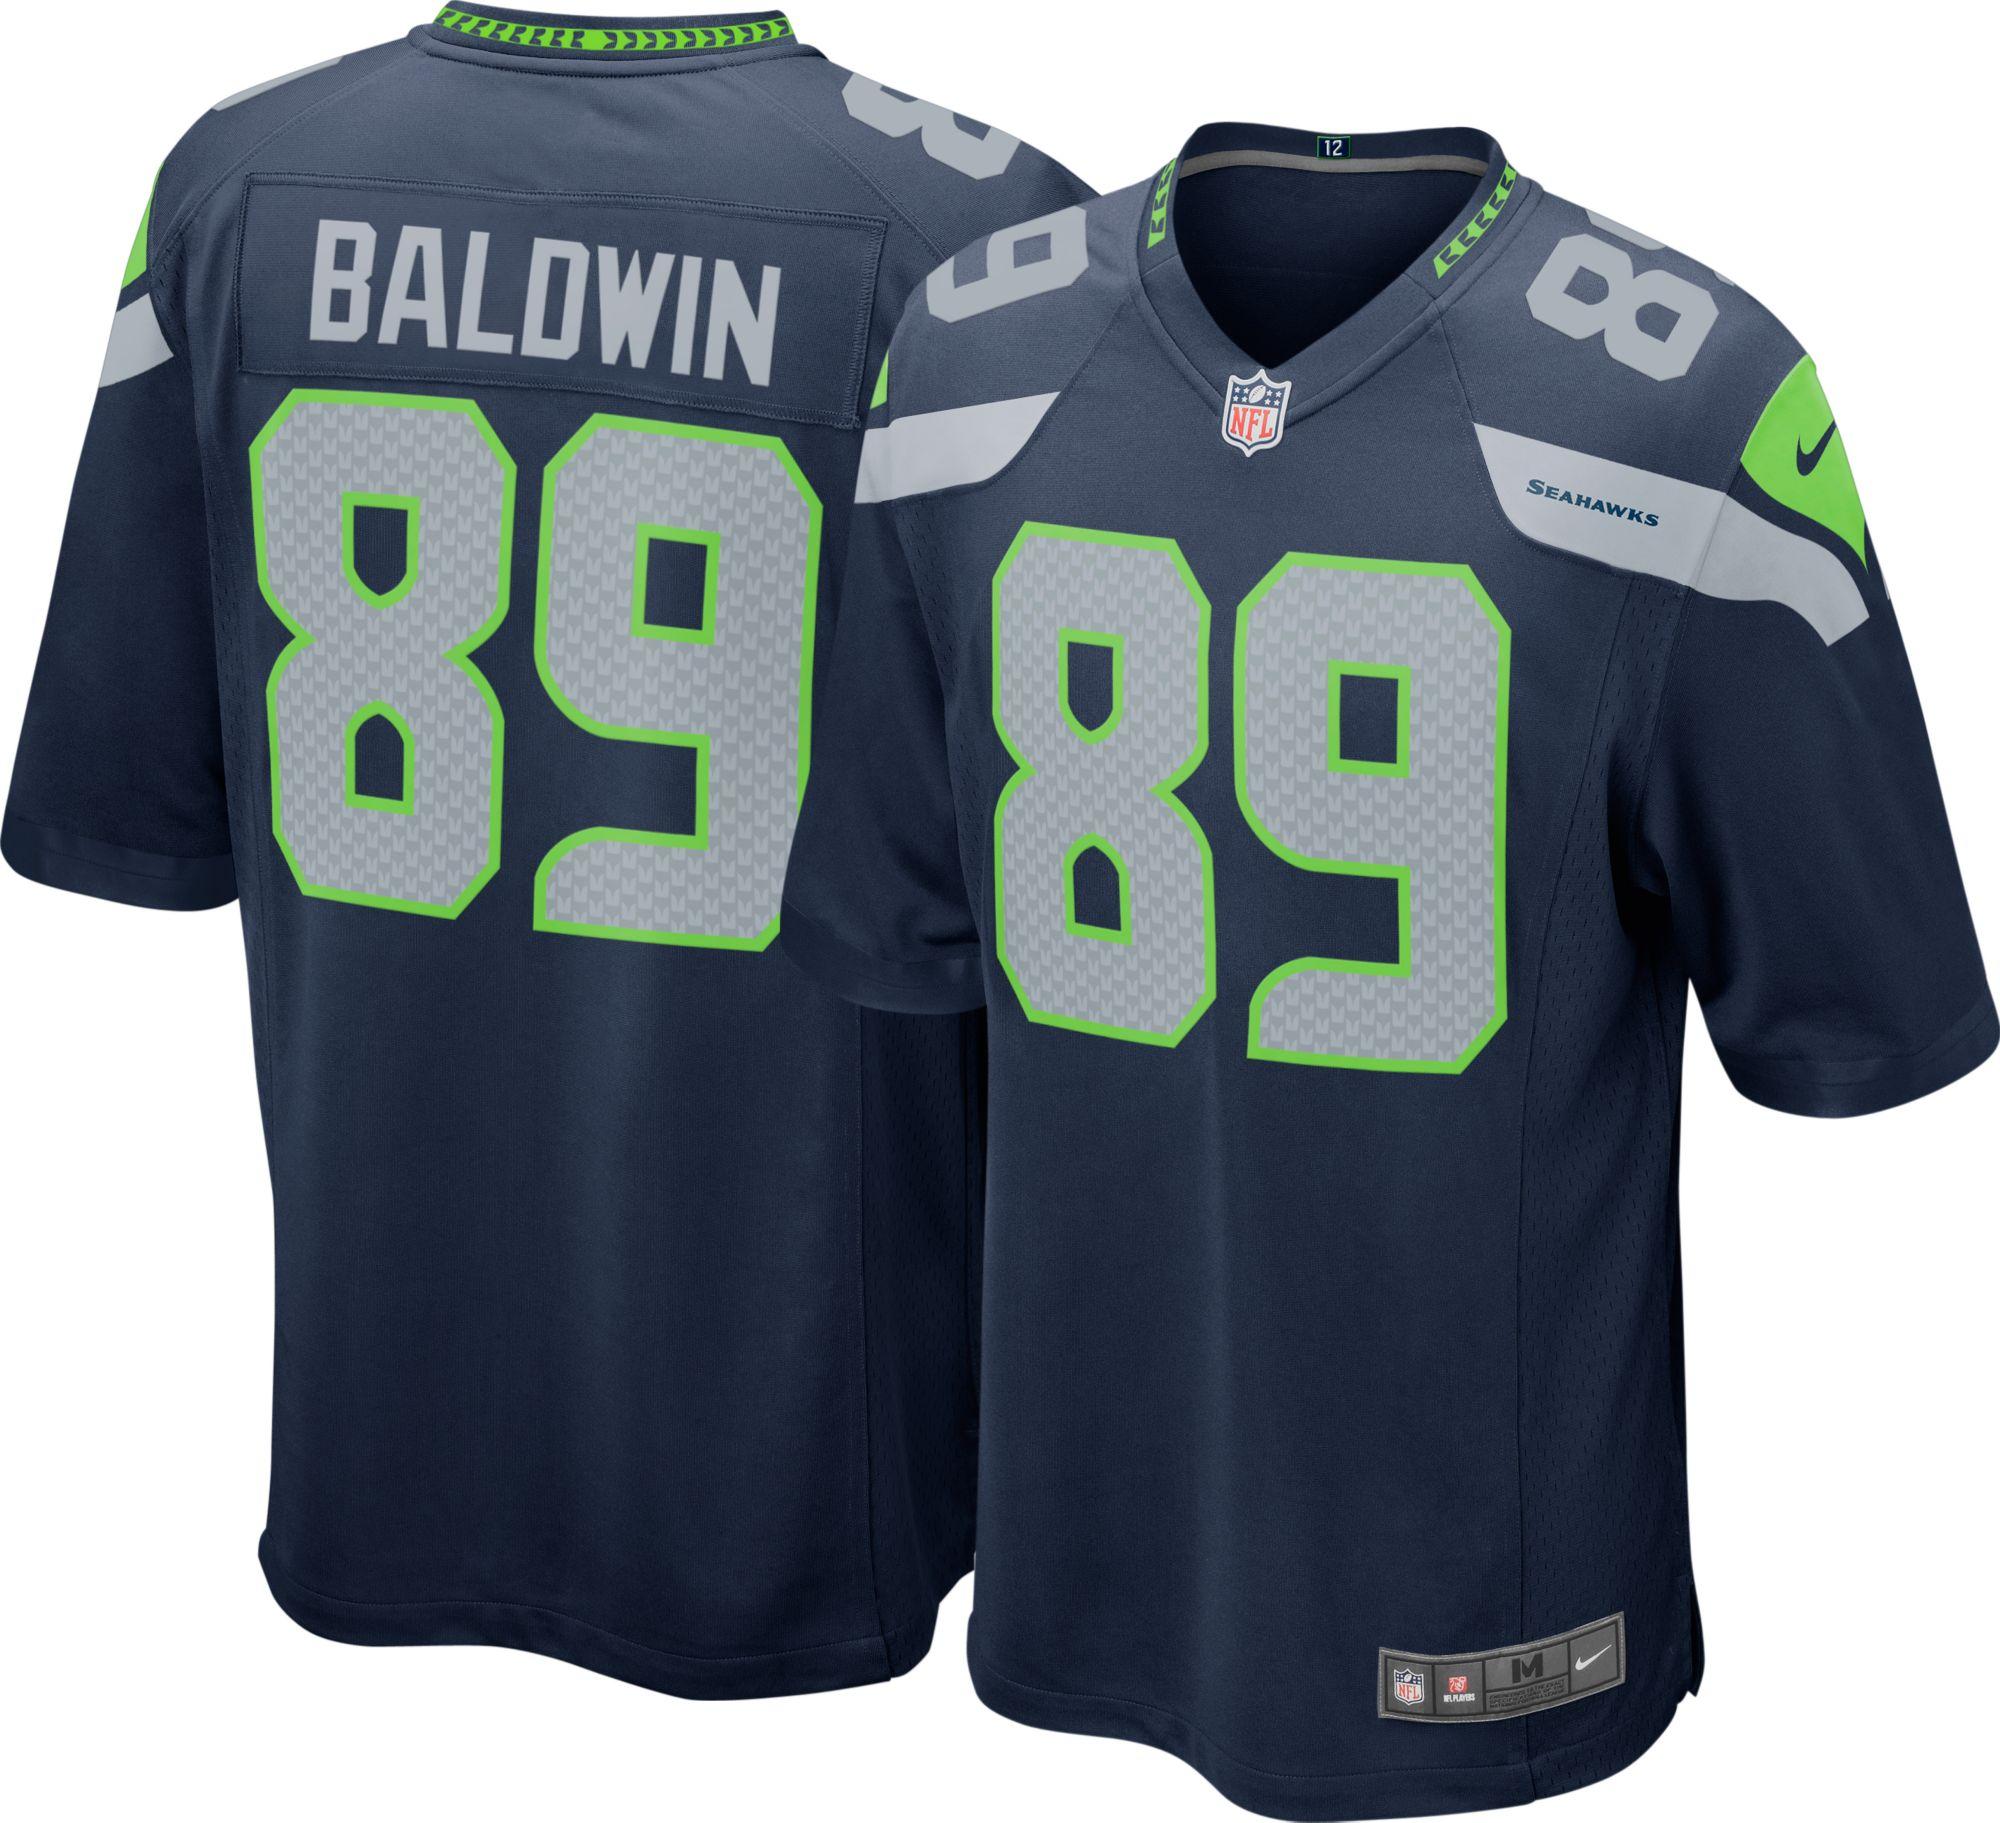 doug baldwin stitched jersey